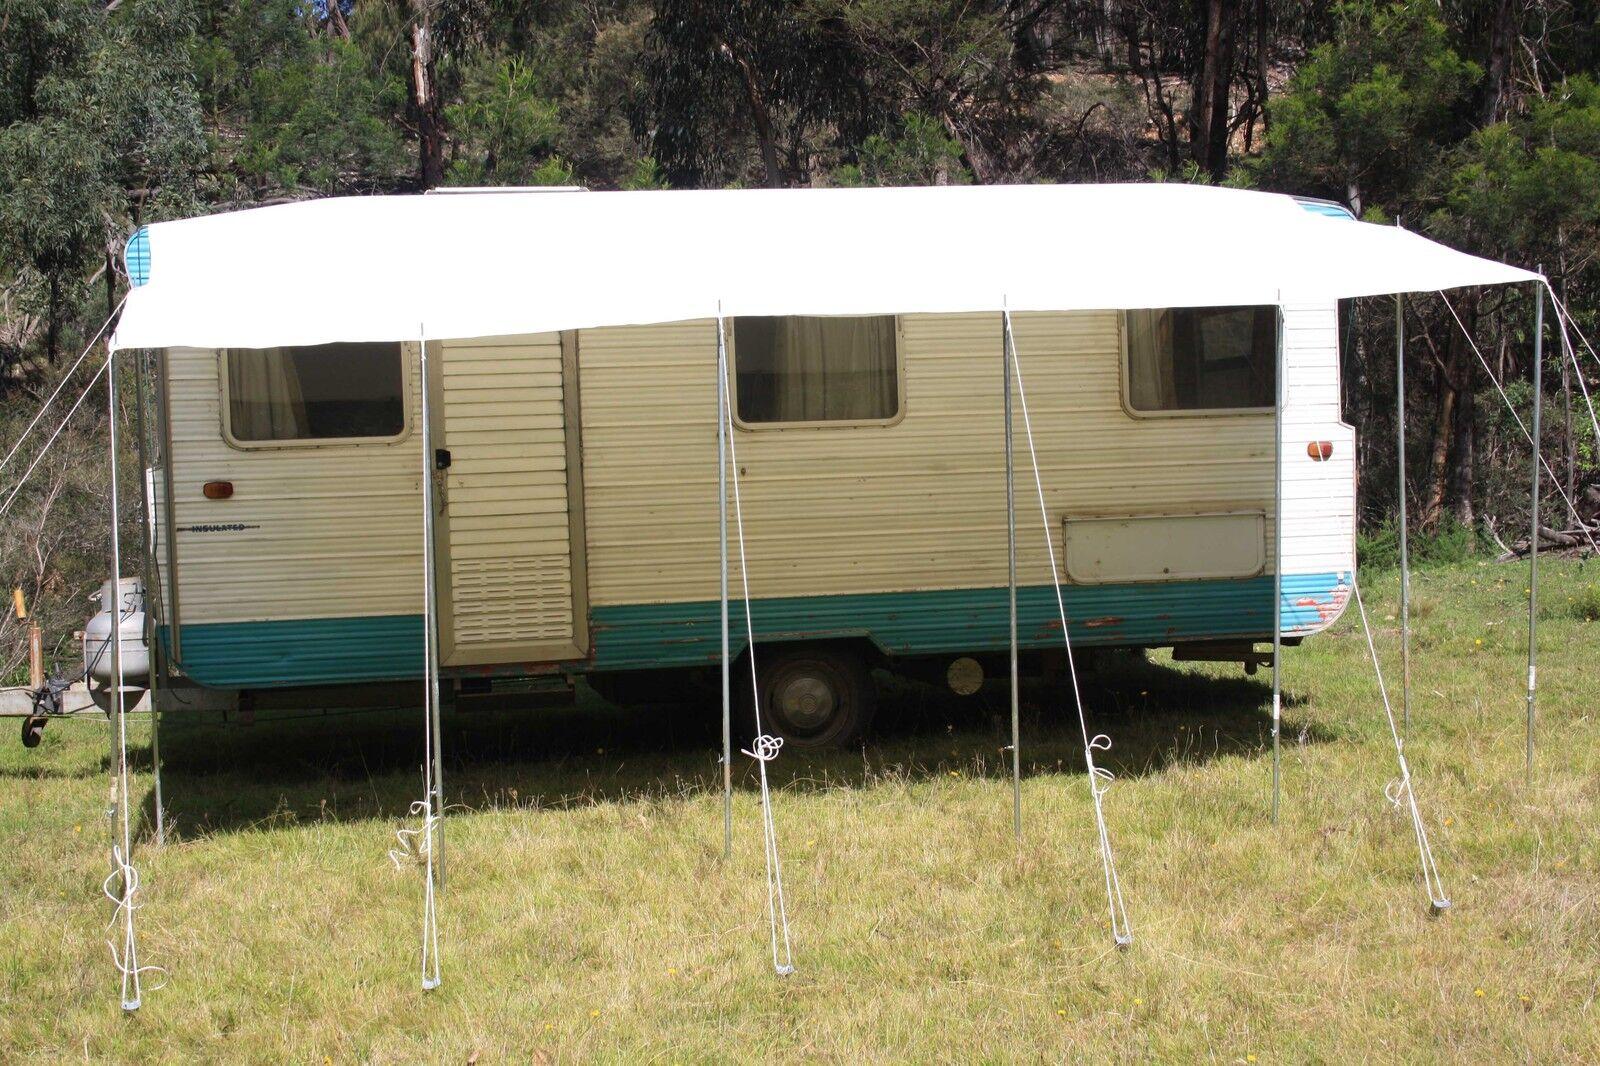 Caravan Rv Awning Annexe Motorhome Camper Sun Shade 6 0 Metres X 2 5 Metres Ebay